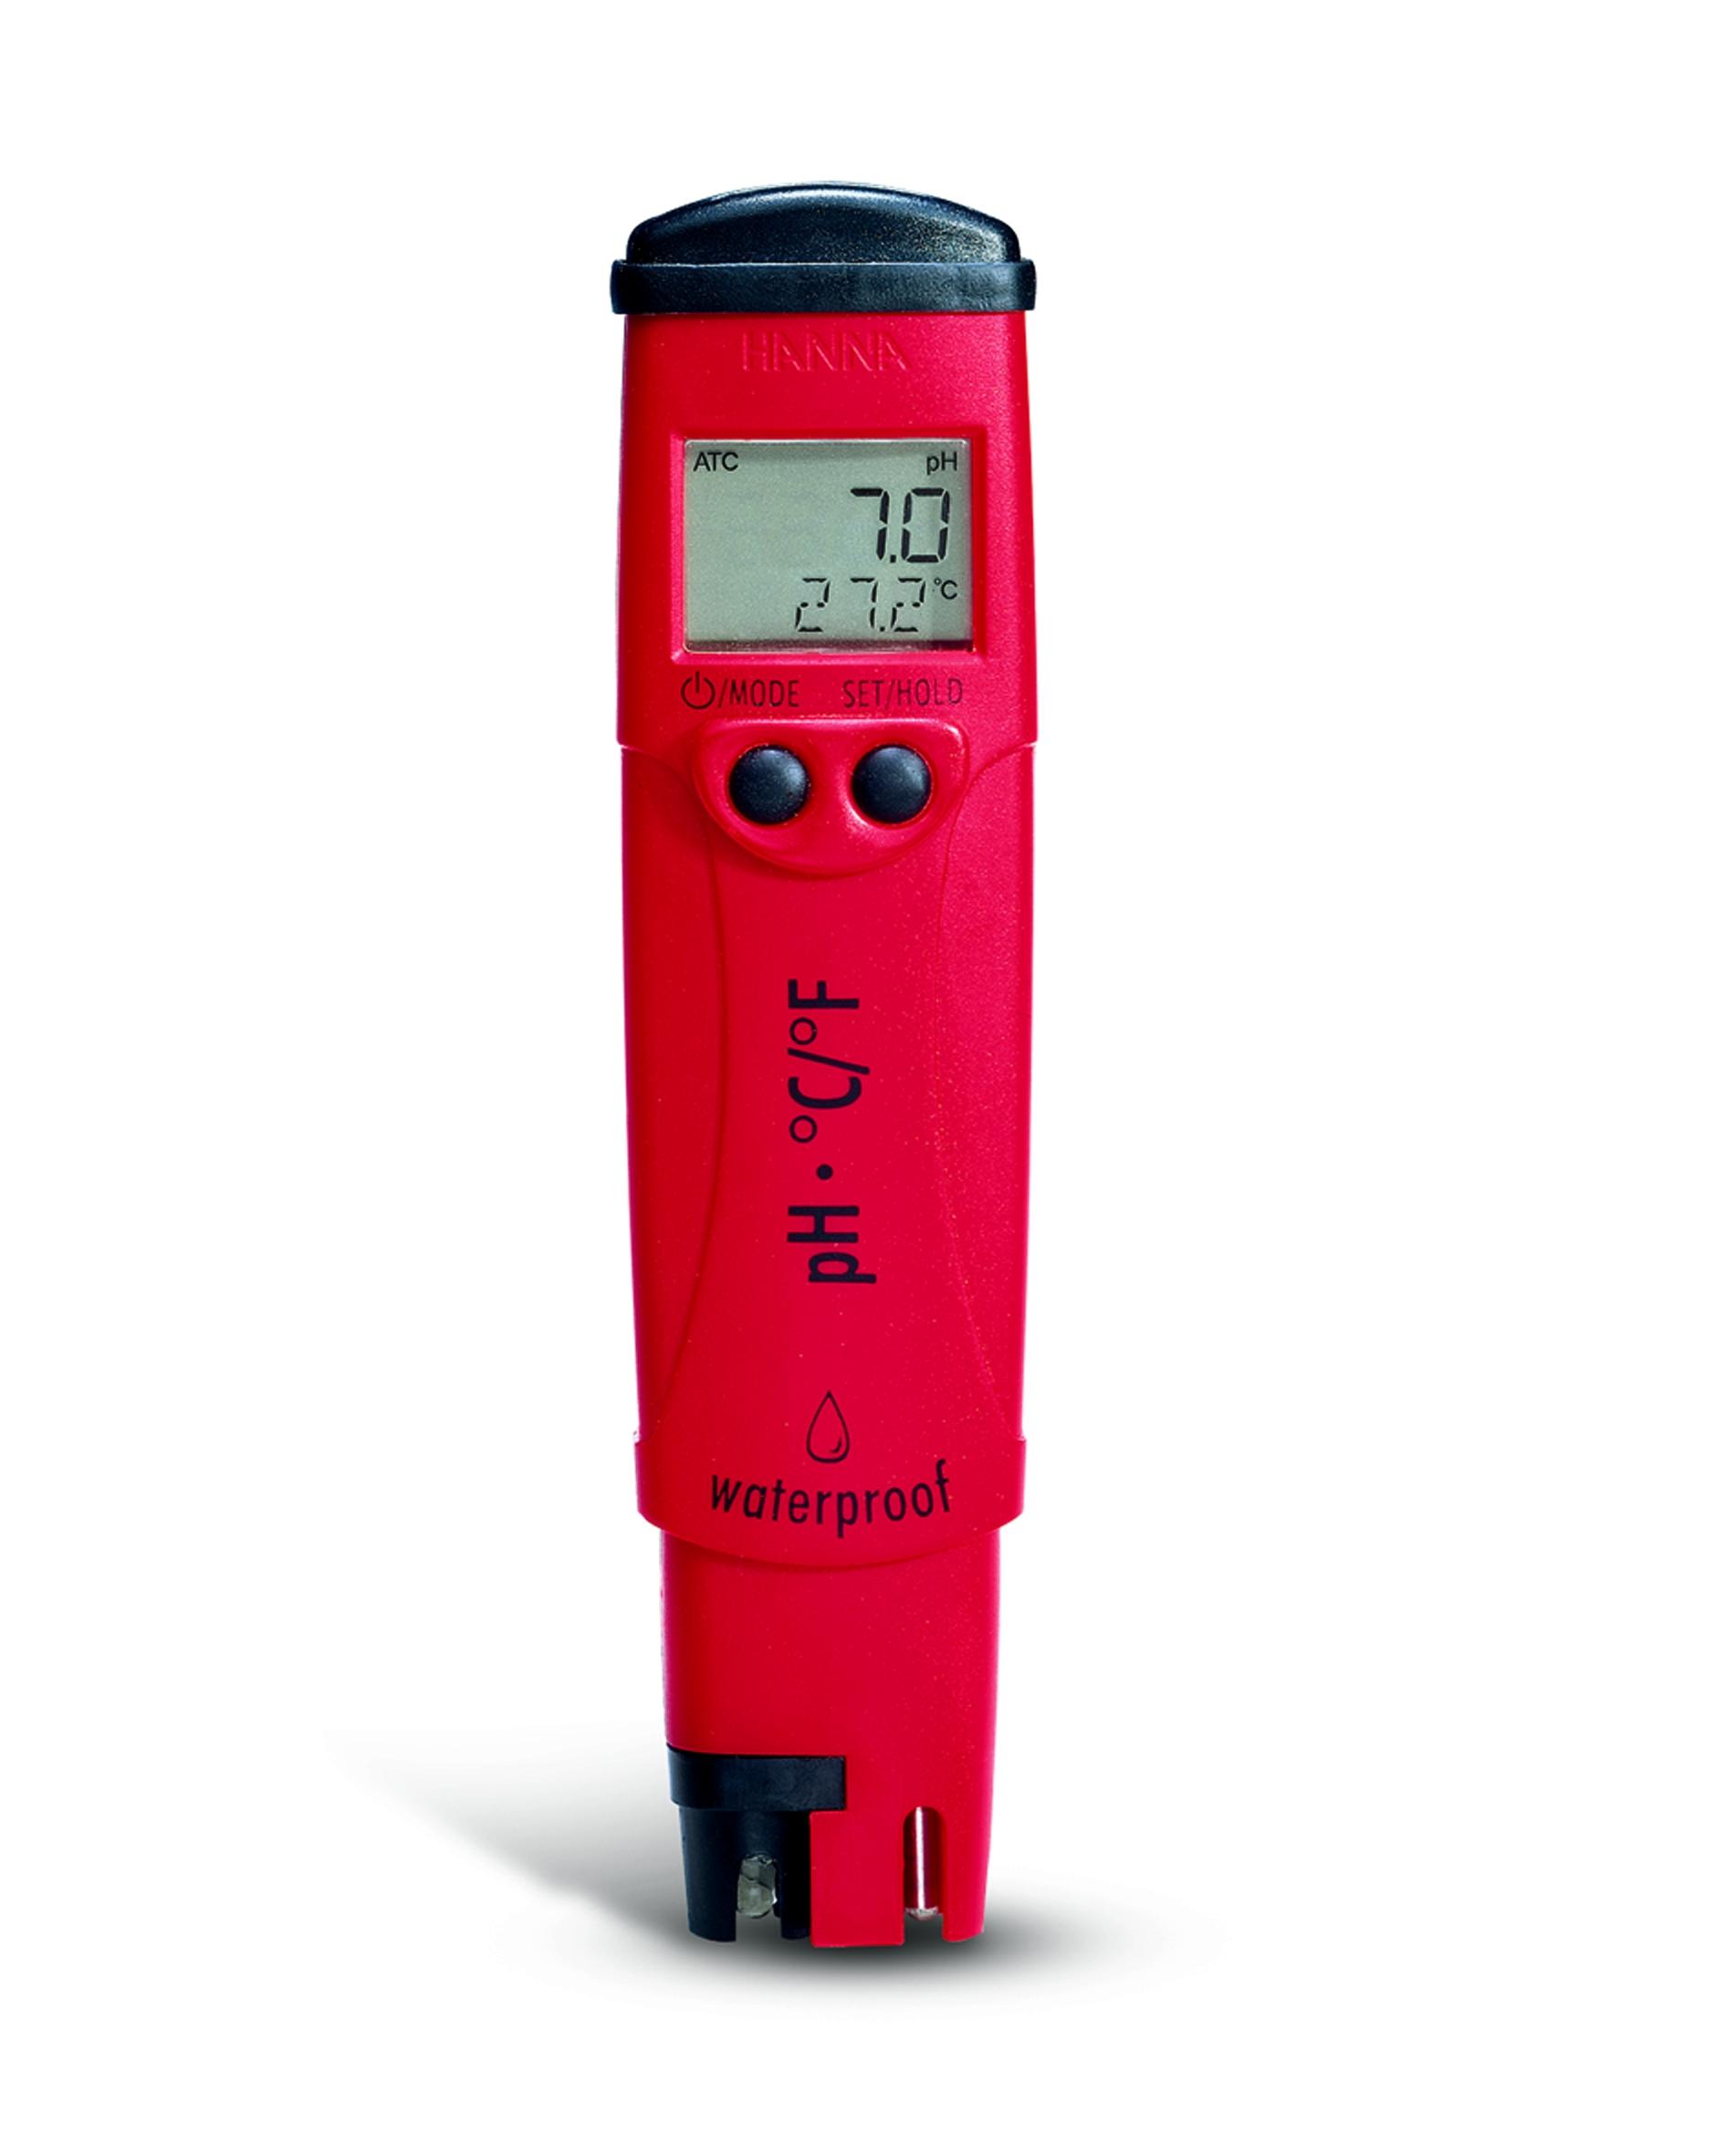 Review Spesifikasi dan Harga Jual Hanna Instruments HI-98127 pHep4 Waterproof pH Tester with Replaceable Electrode original termurah dan bergaransi resmi